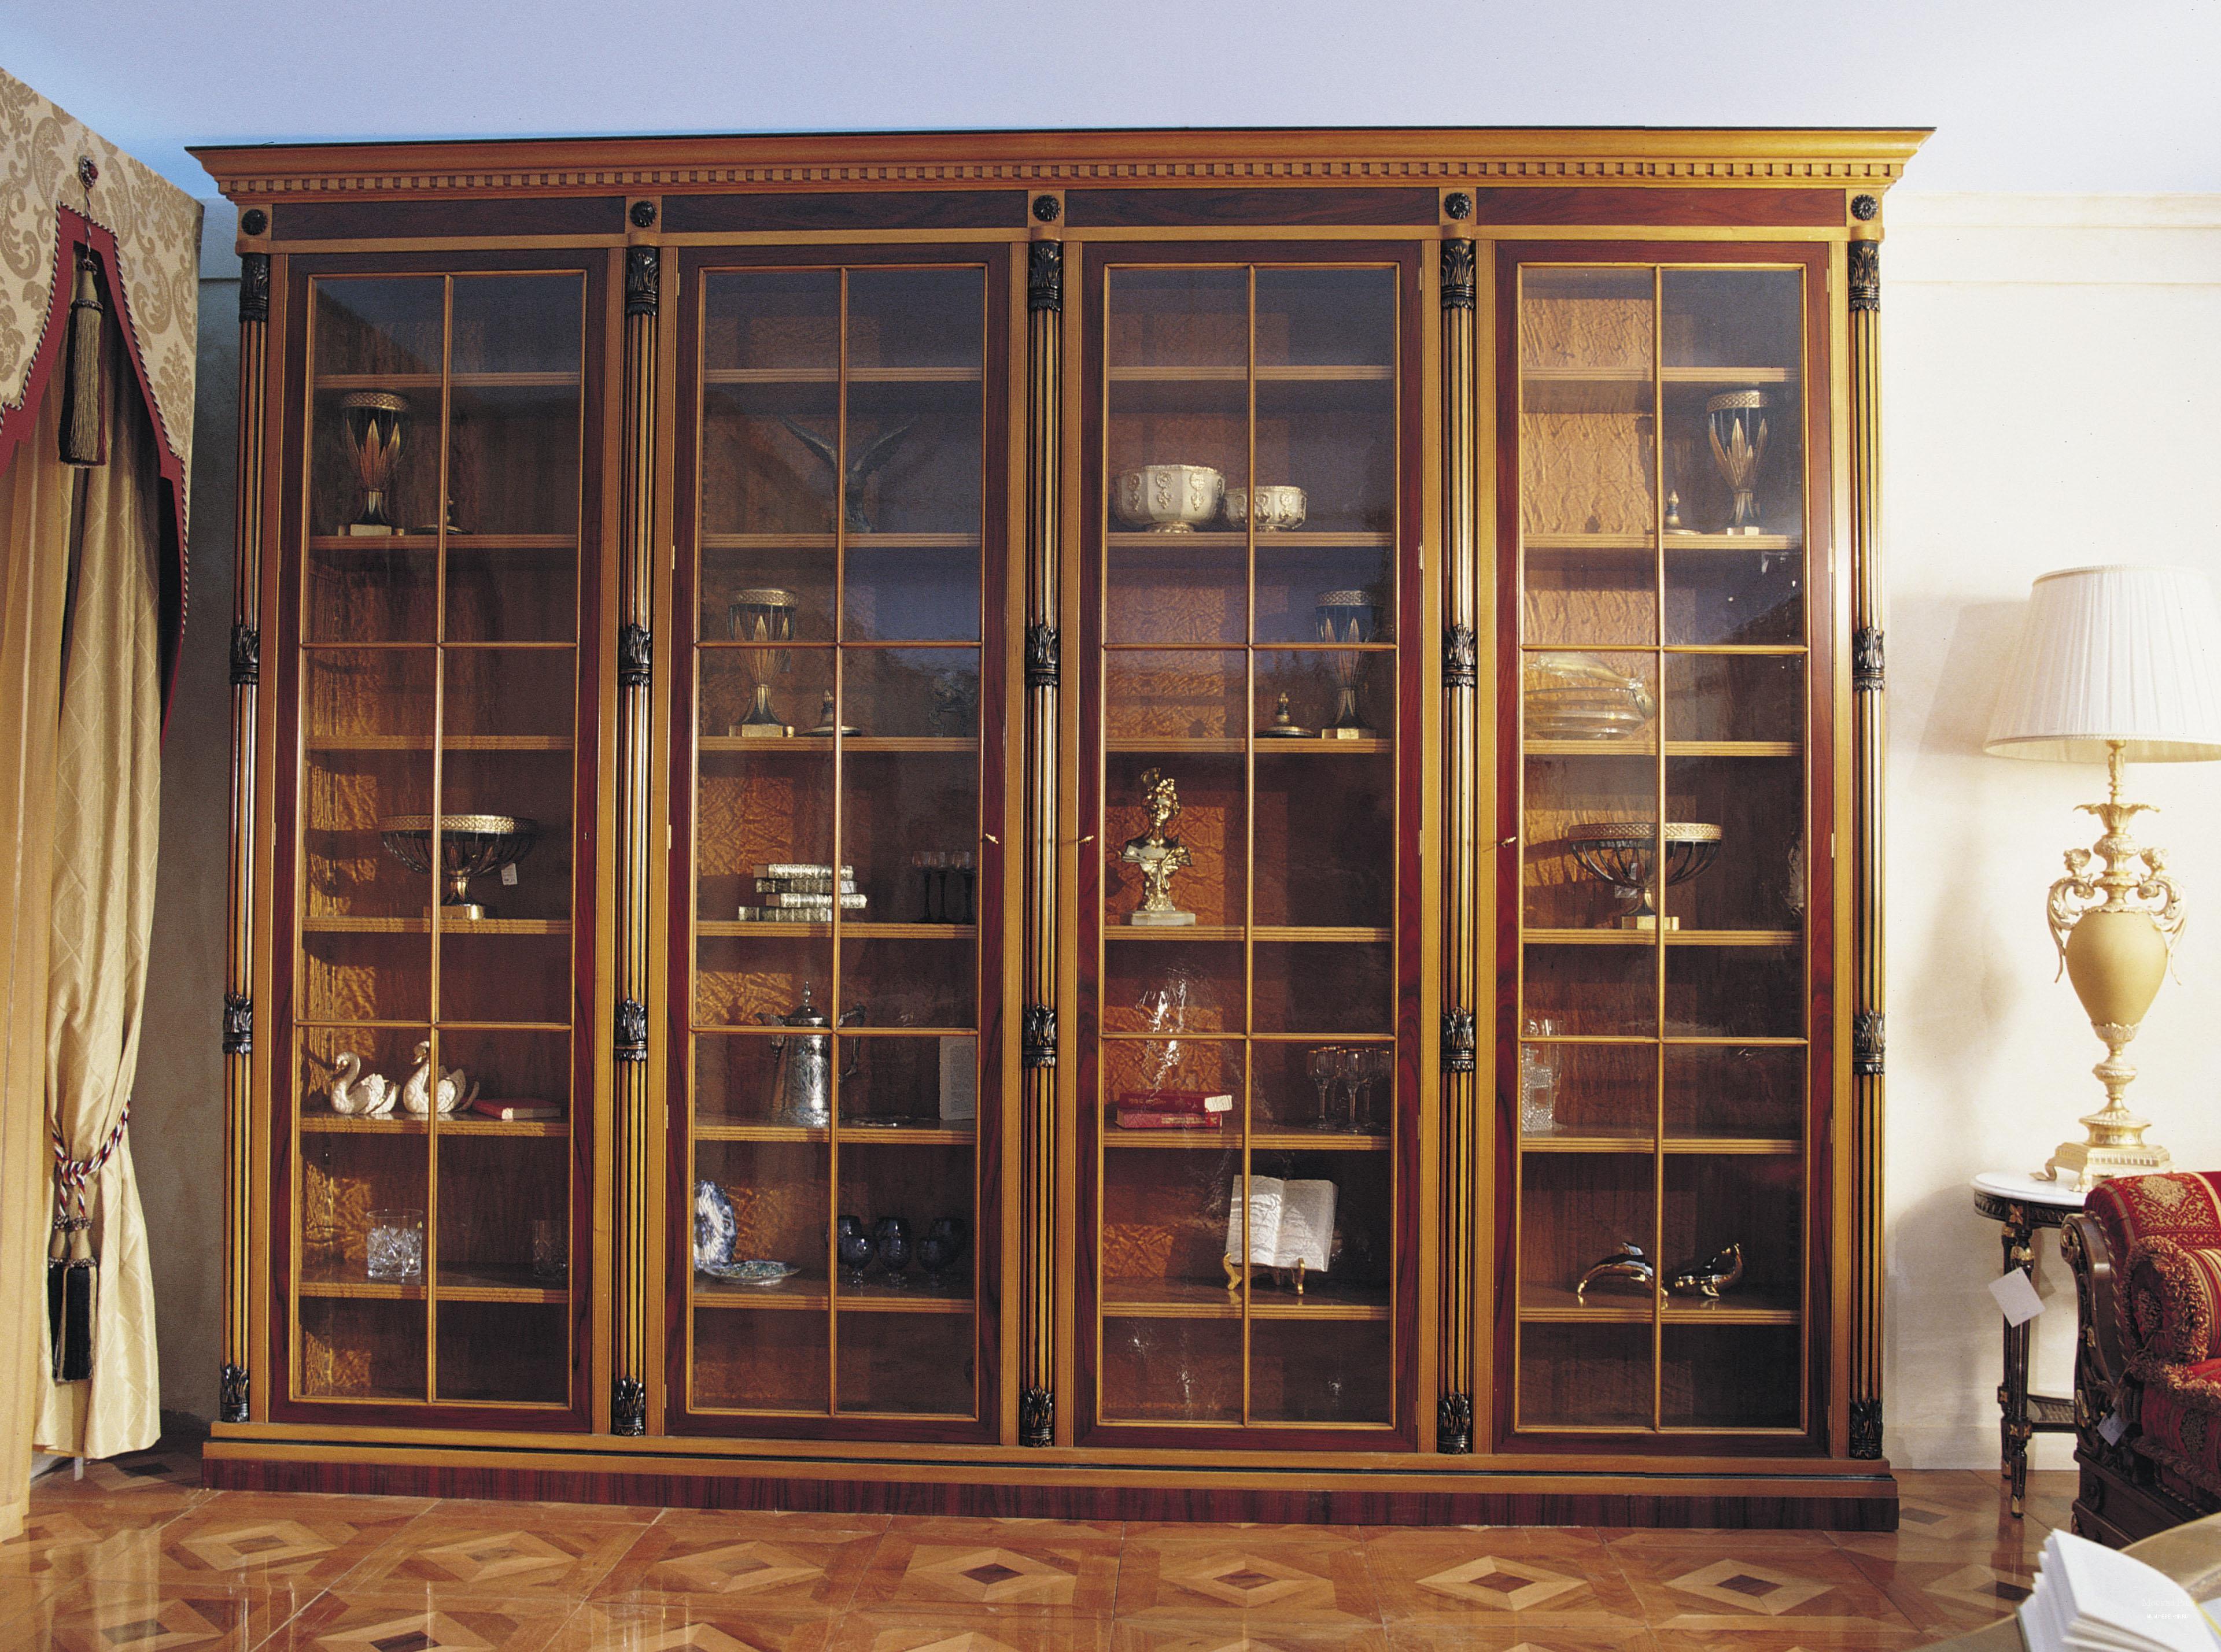 Изготовление шкафов из дерева на заказ в Екатеринбурге - столярная мастерская Treelogia